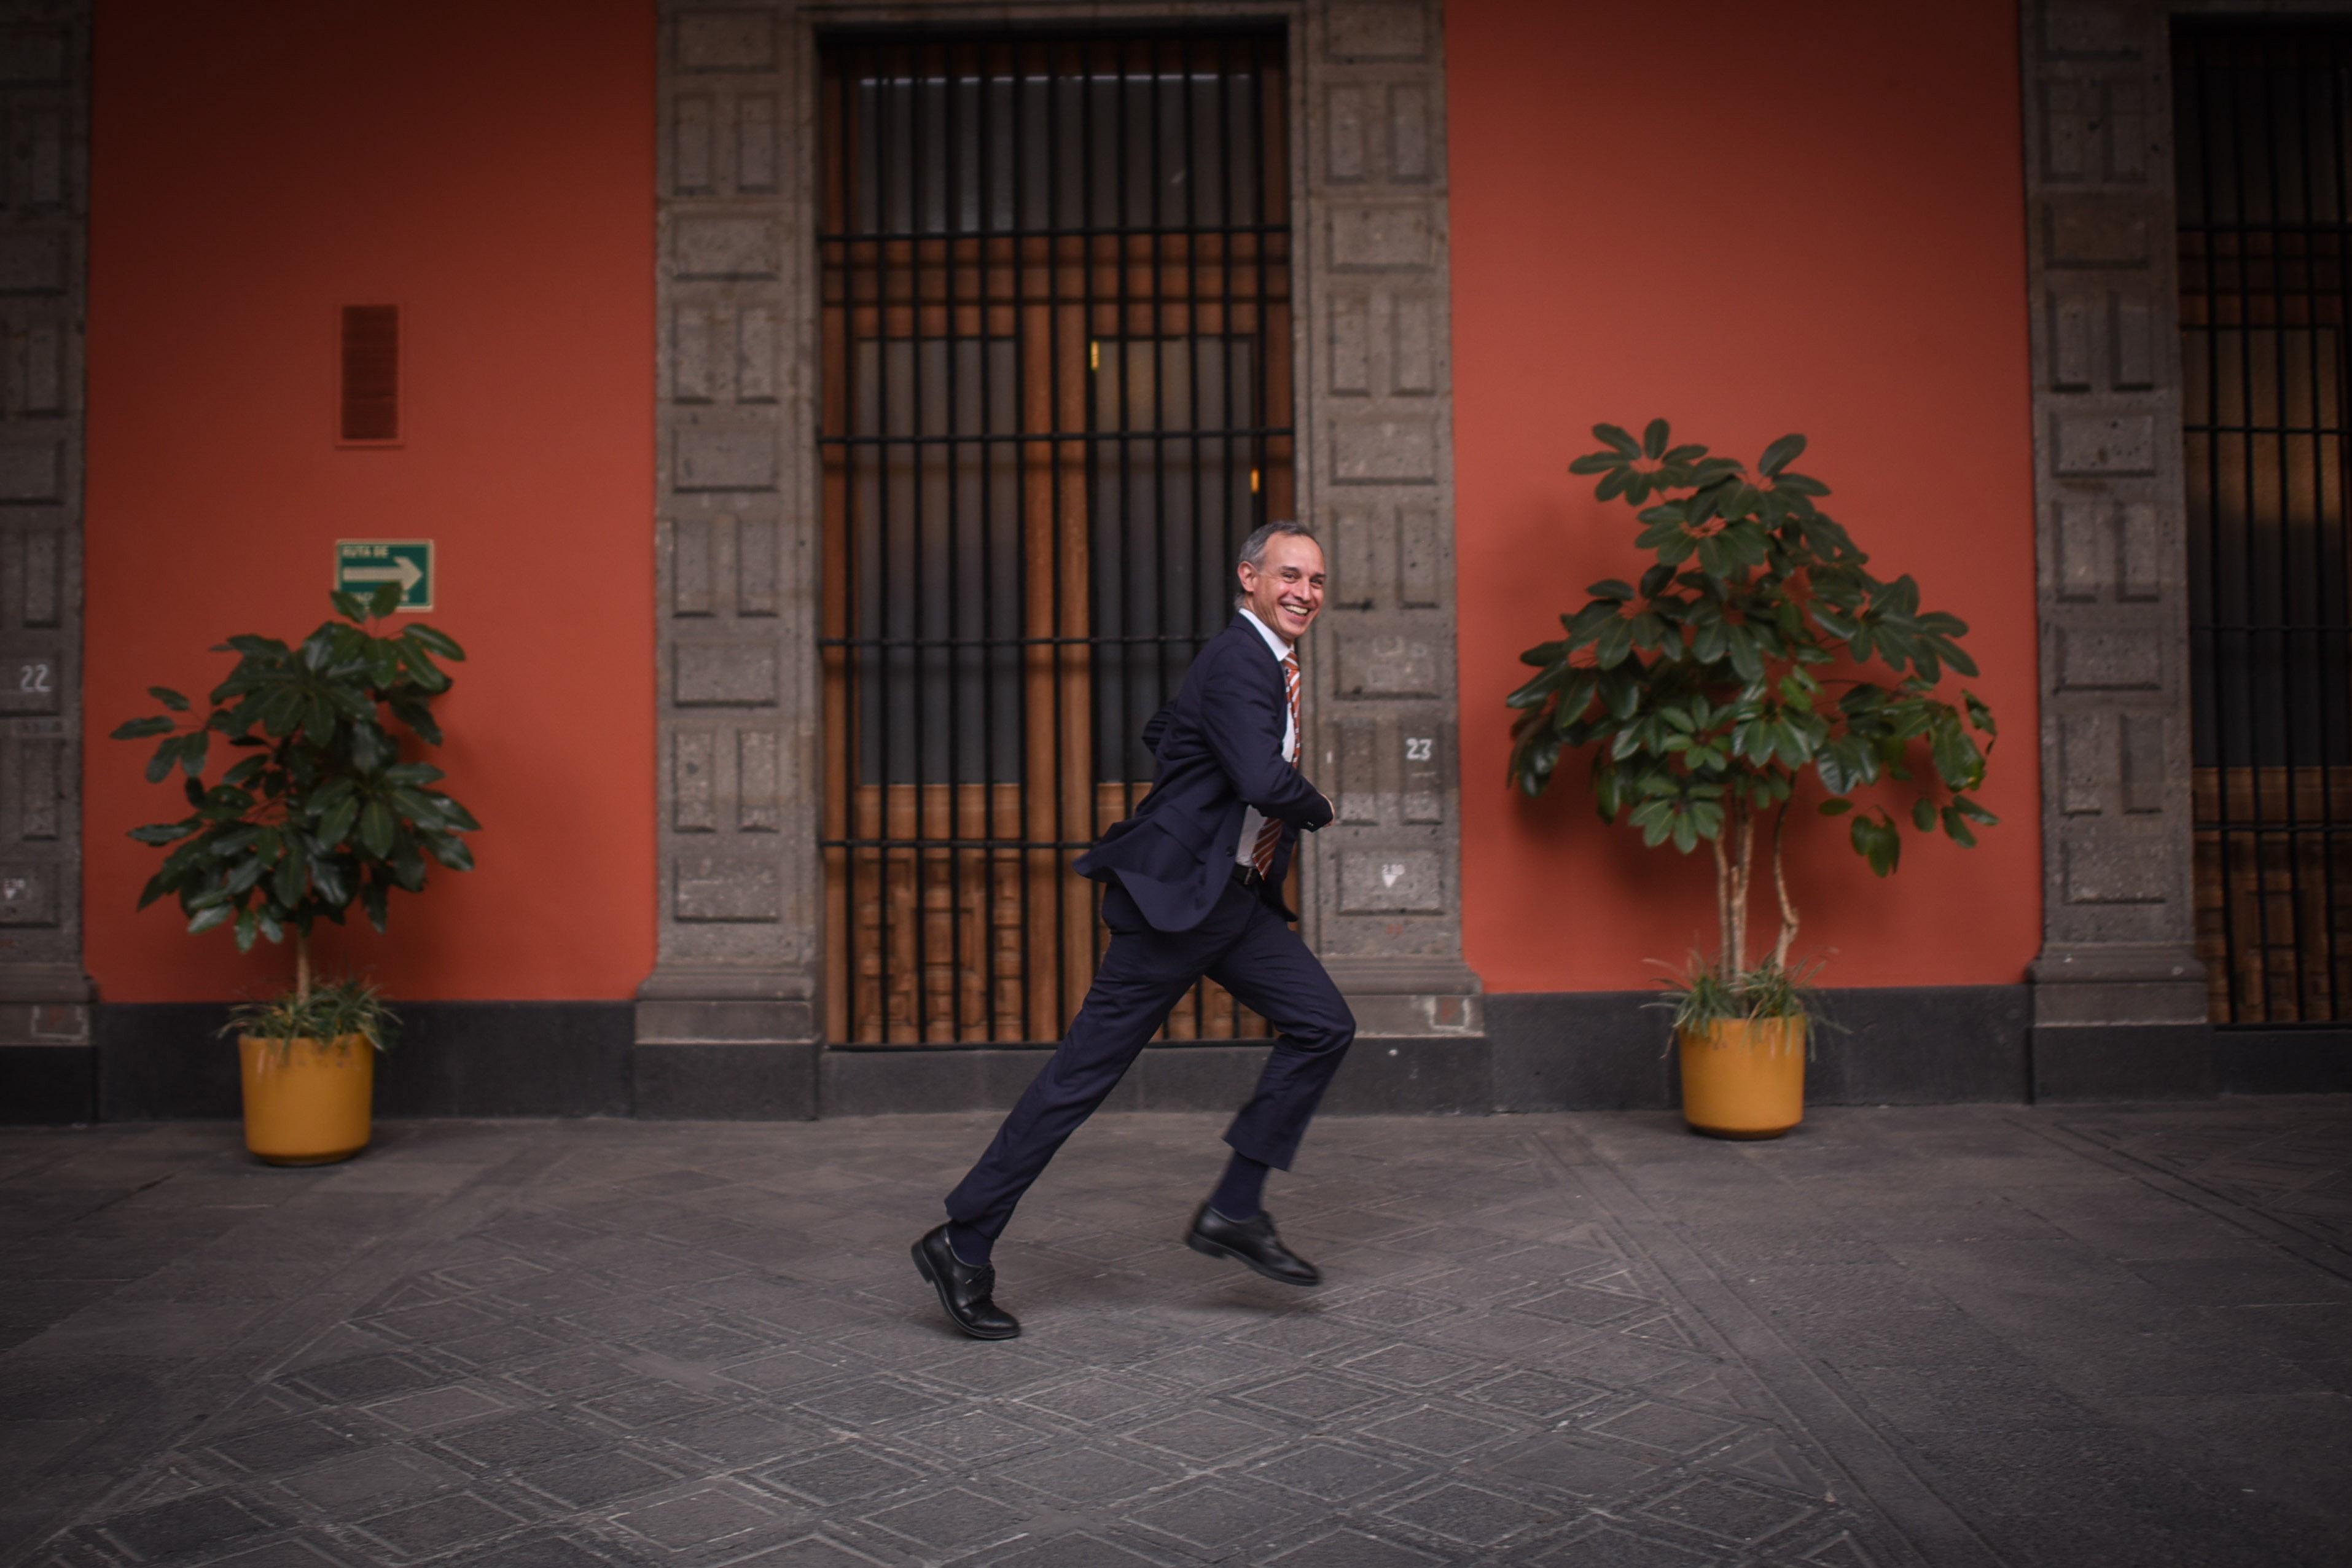 A unos minutos de inicial la conferencia diaria, el Subsecretario de Prevención y Promoción de la Salud, Hugo López Gatell Ramírez, trota por el Patio Central del Palacio Nacional, para llegar a tiempo a esta.